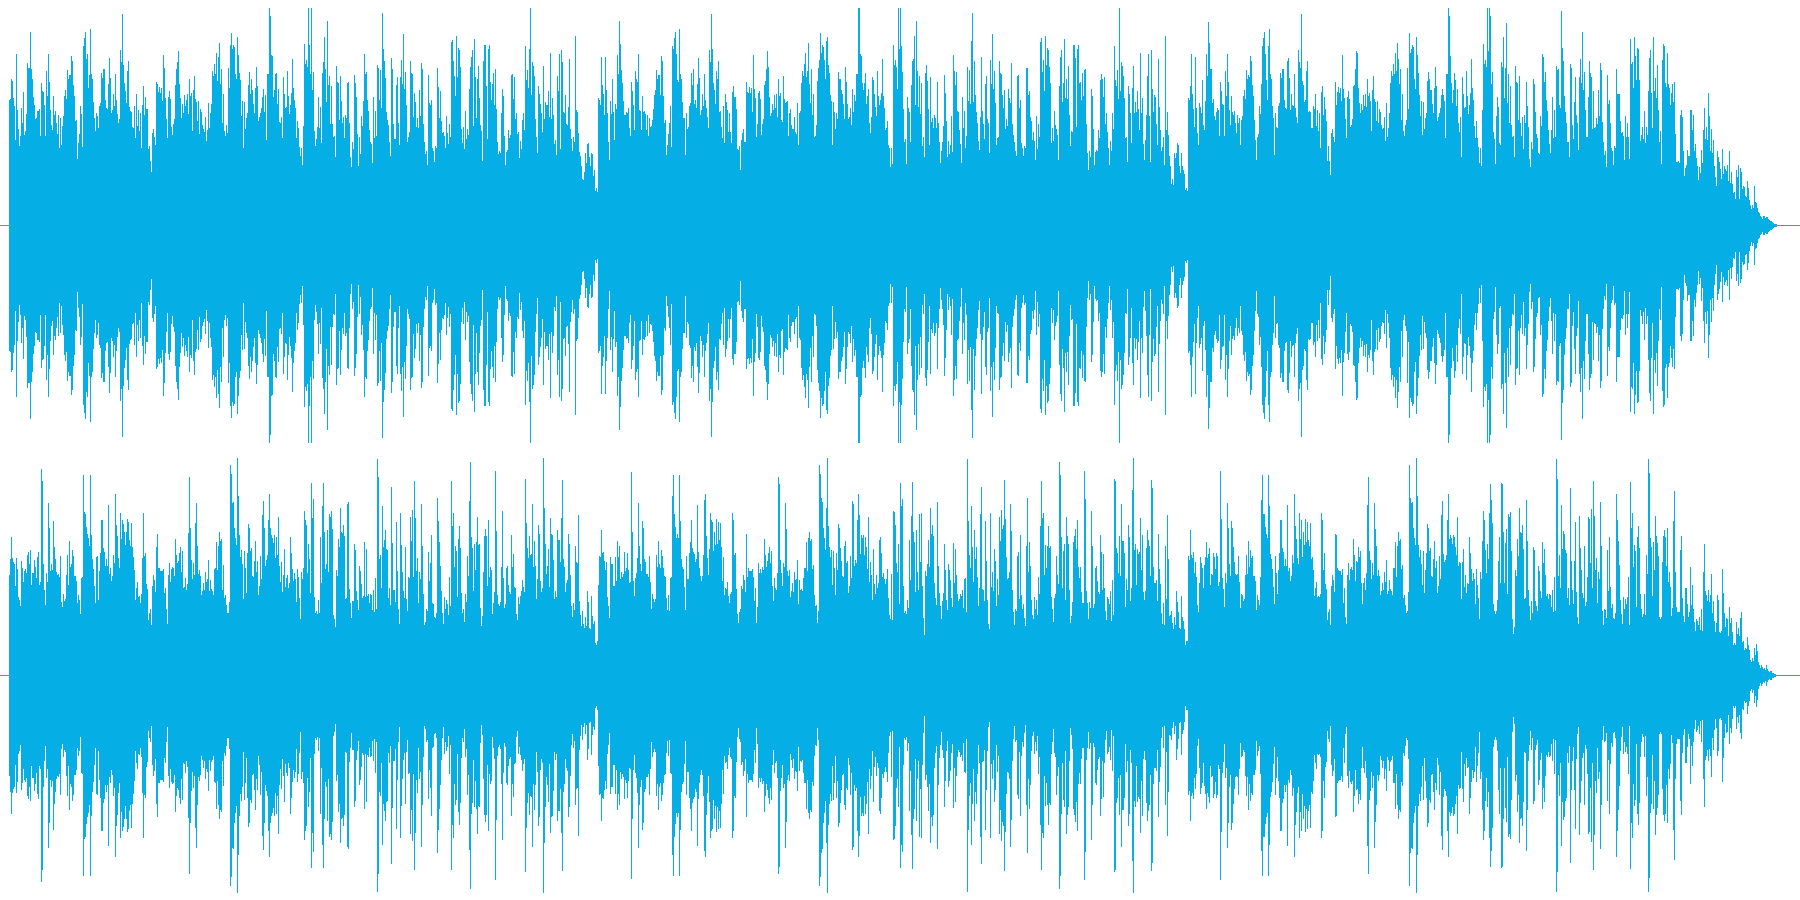 ピアノとフルートがメインの爽やかなBGMの再生済みの波形